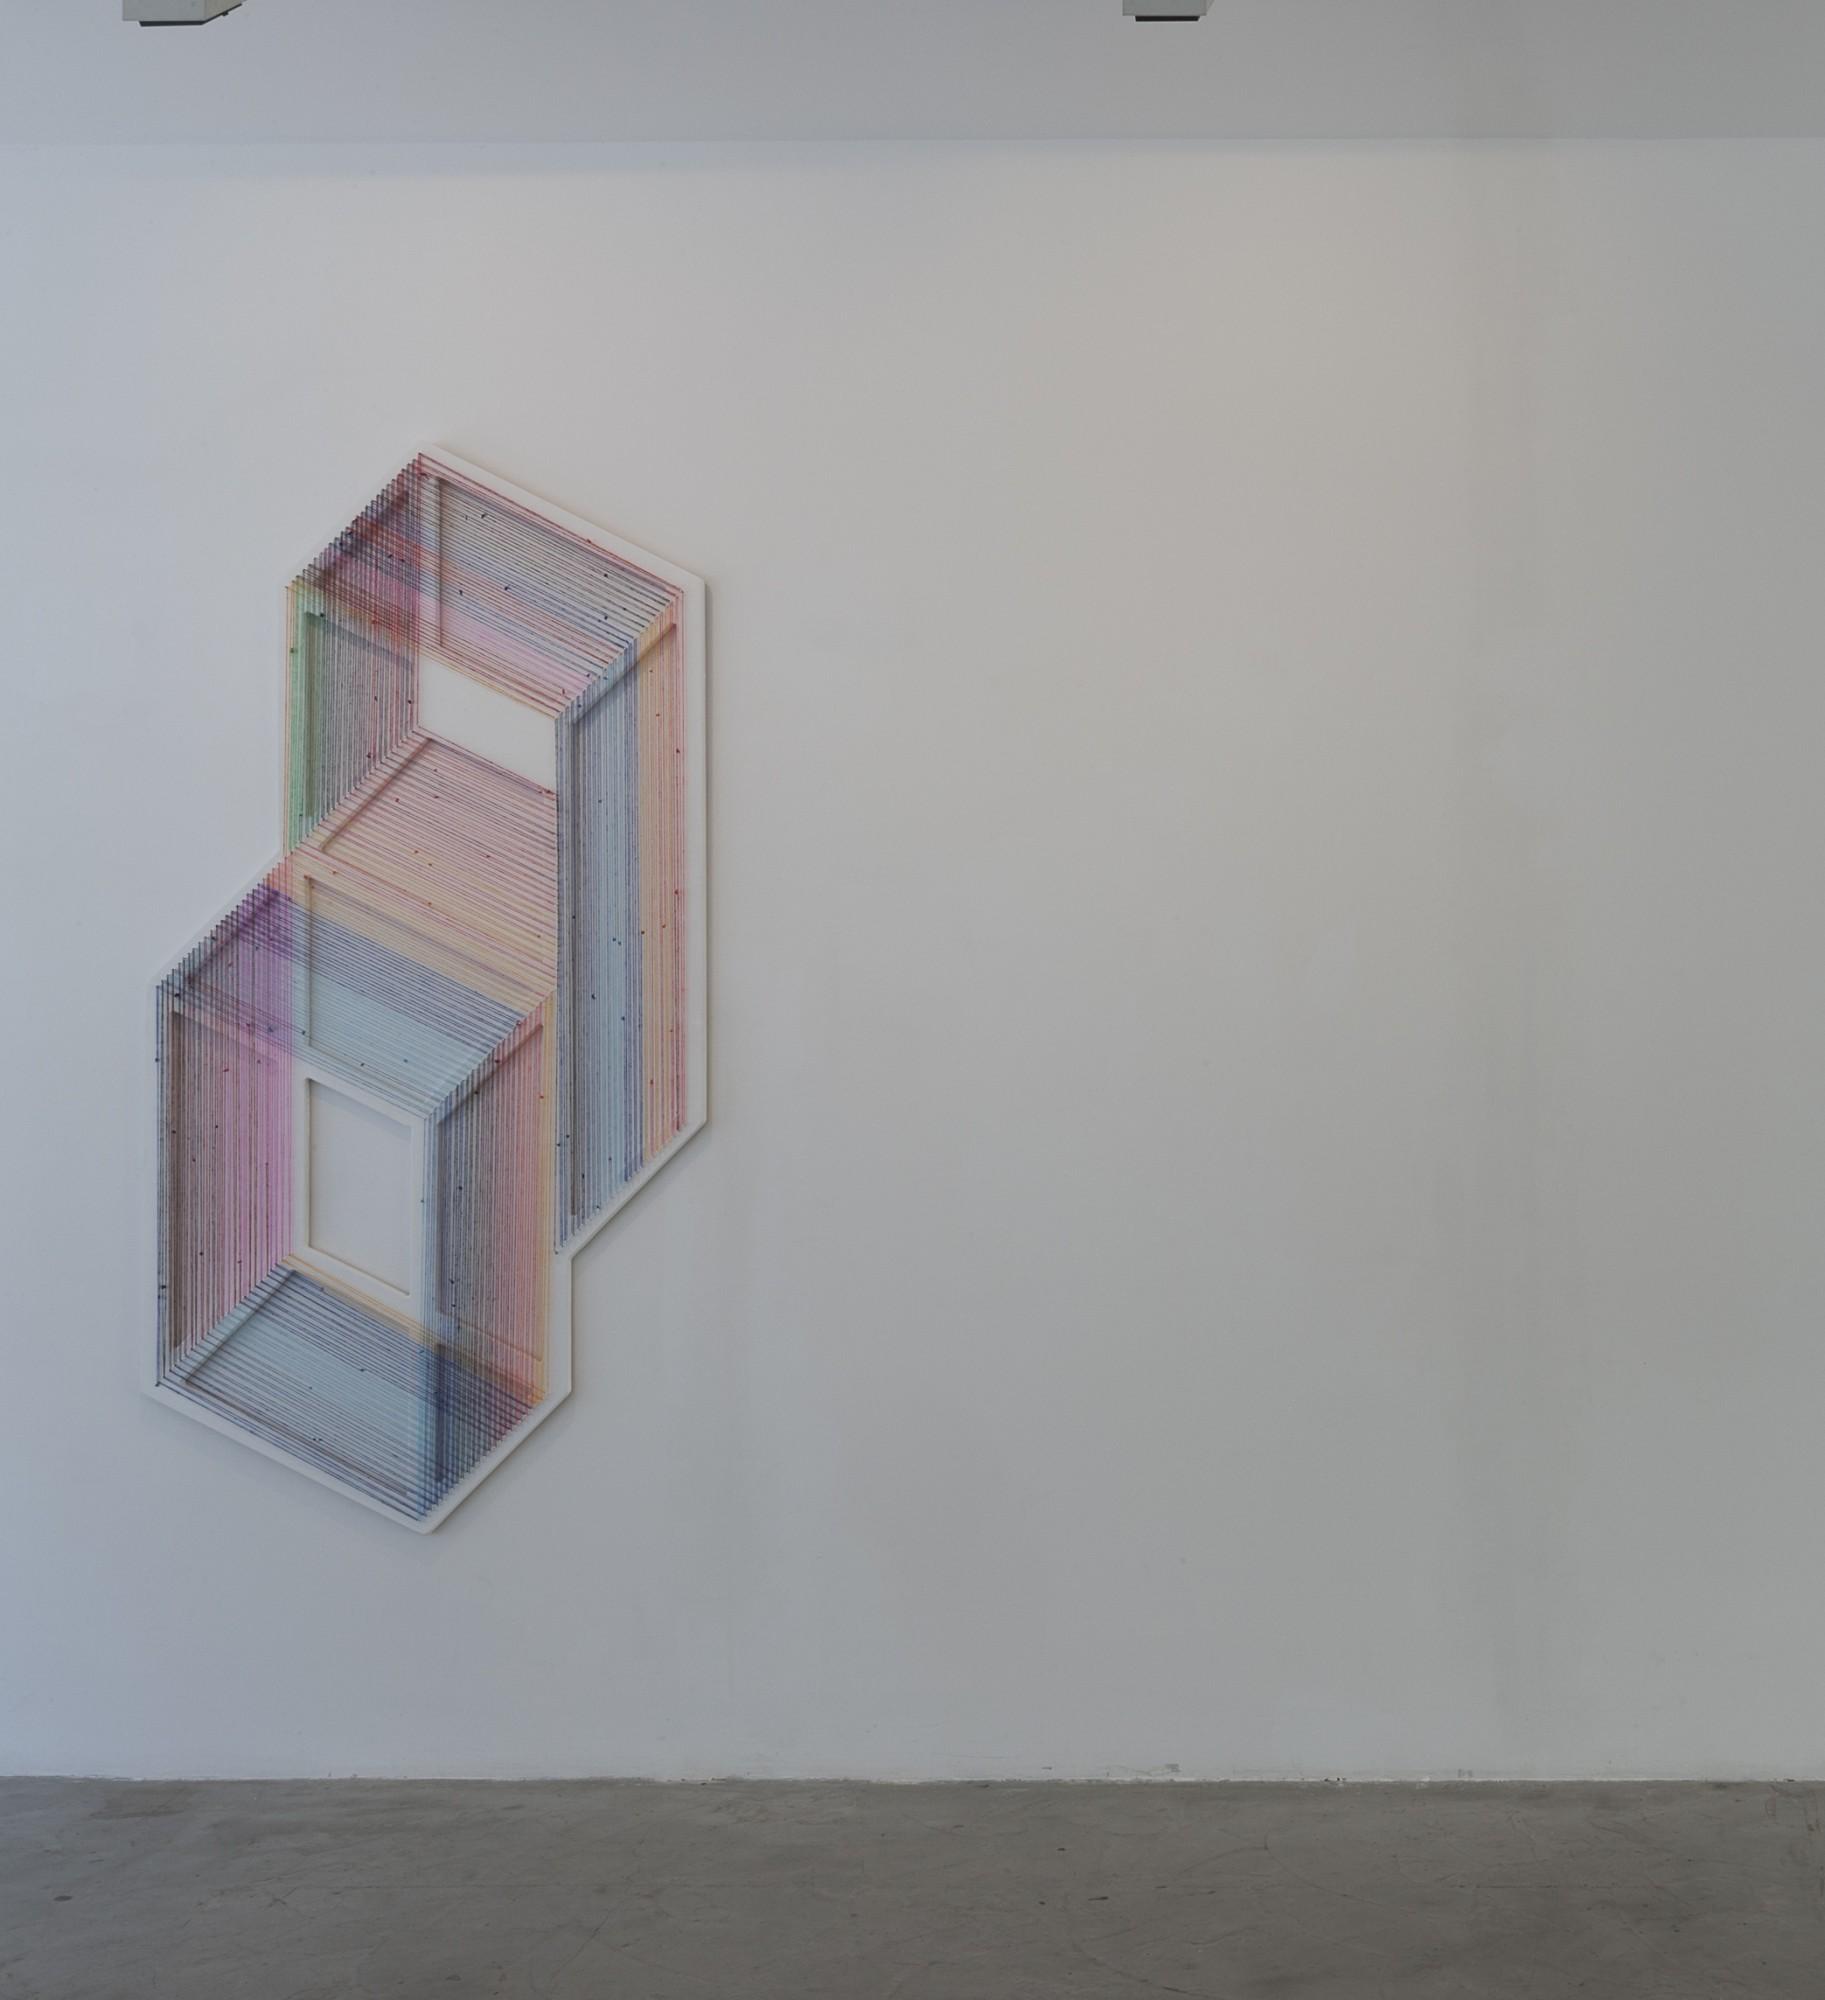 Adrian Esparza, Glass House 3, 2014